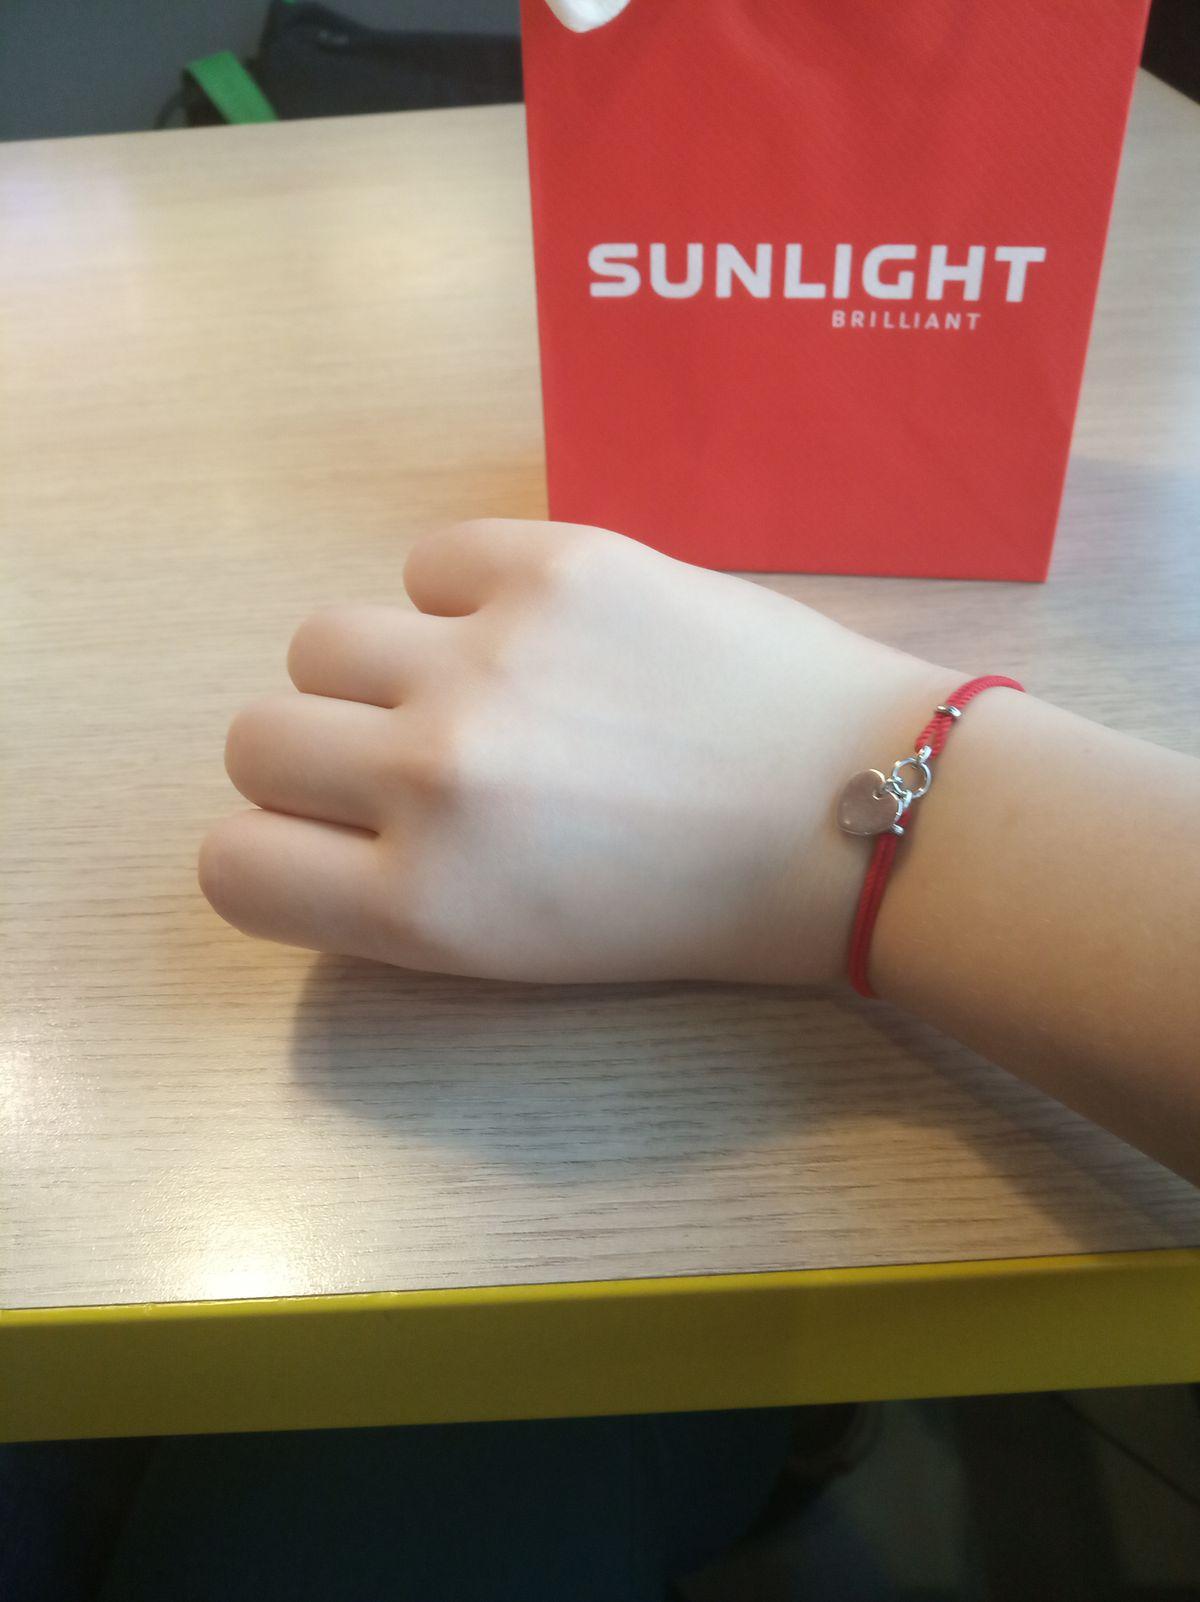 Купила браслет на красной нитке,сложенной вдвое,к нитке прикреплено сердечко